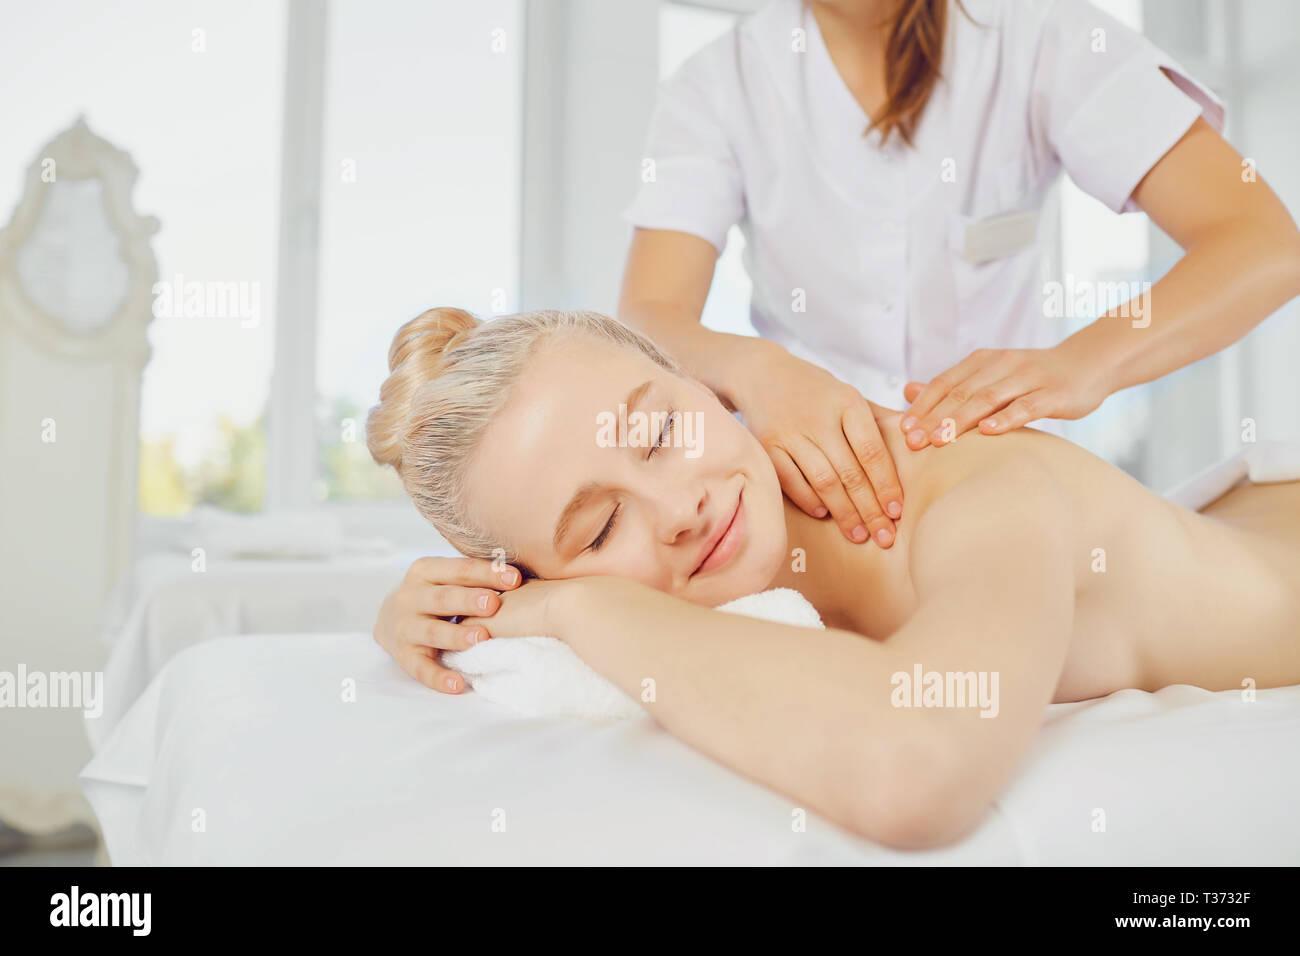 Korean massaggio salotto sesso